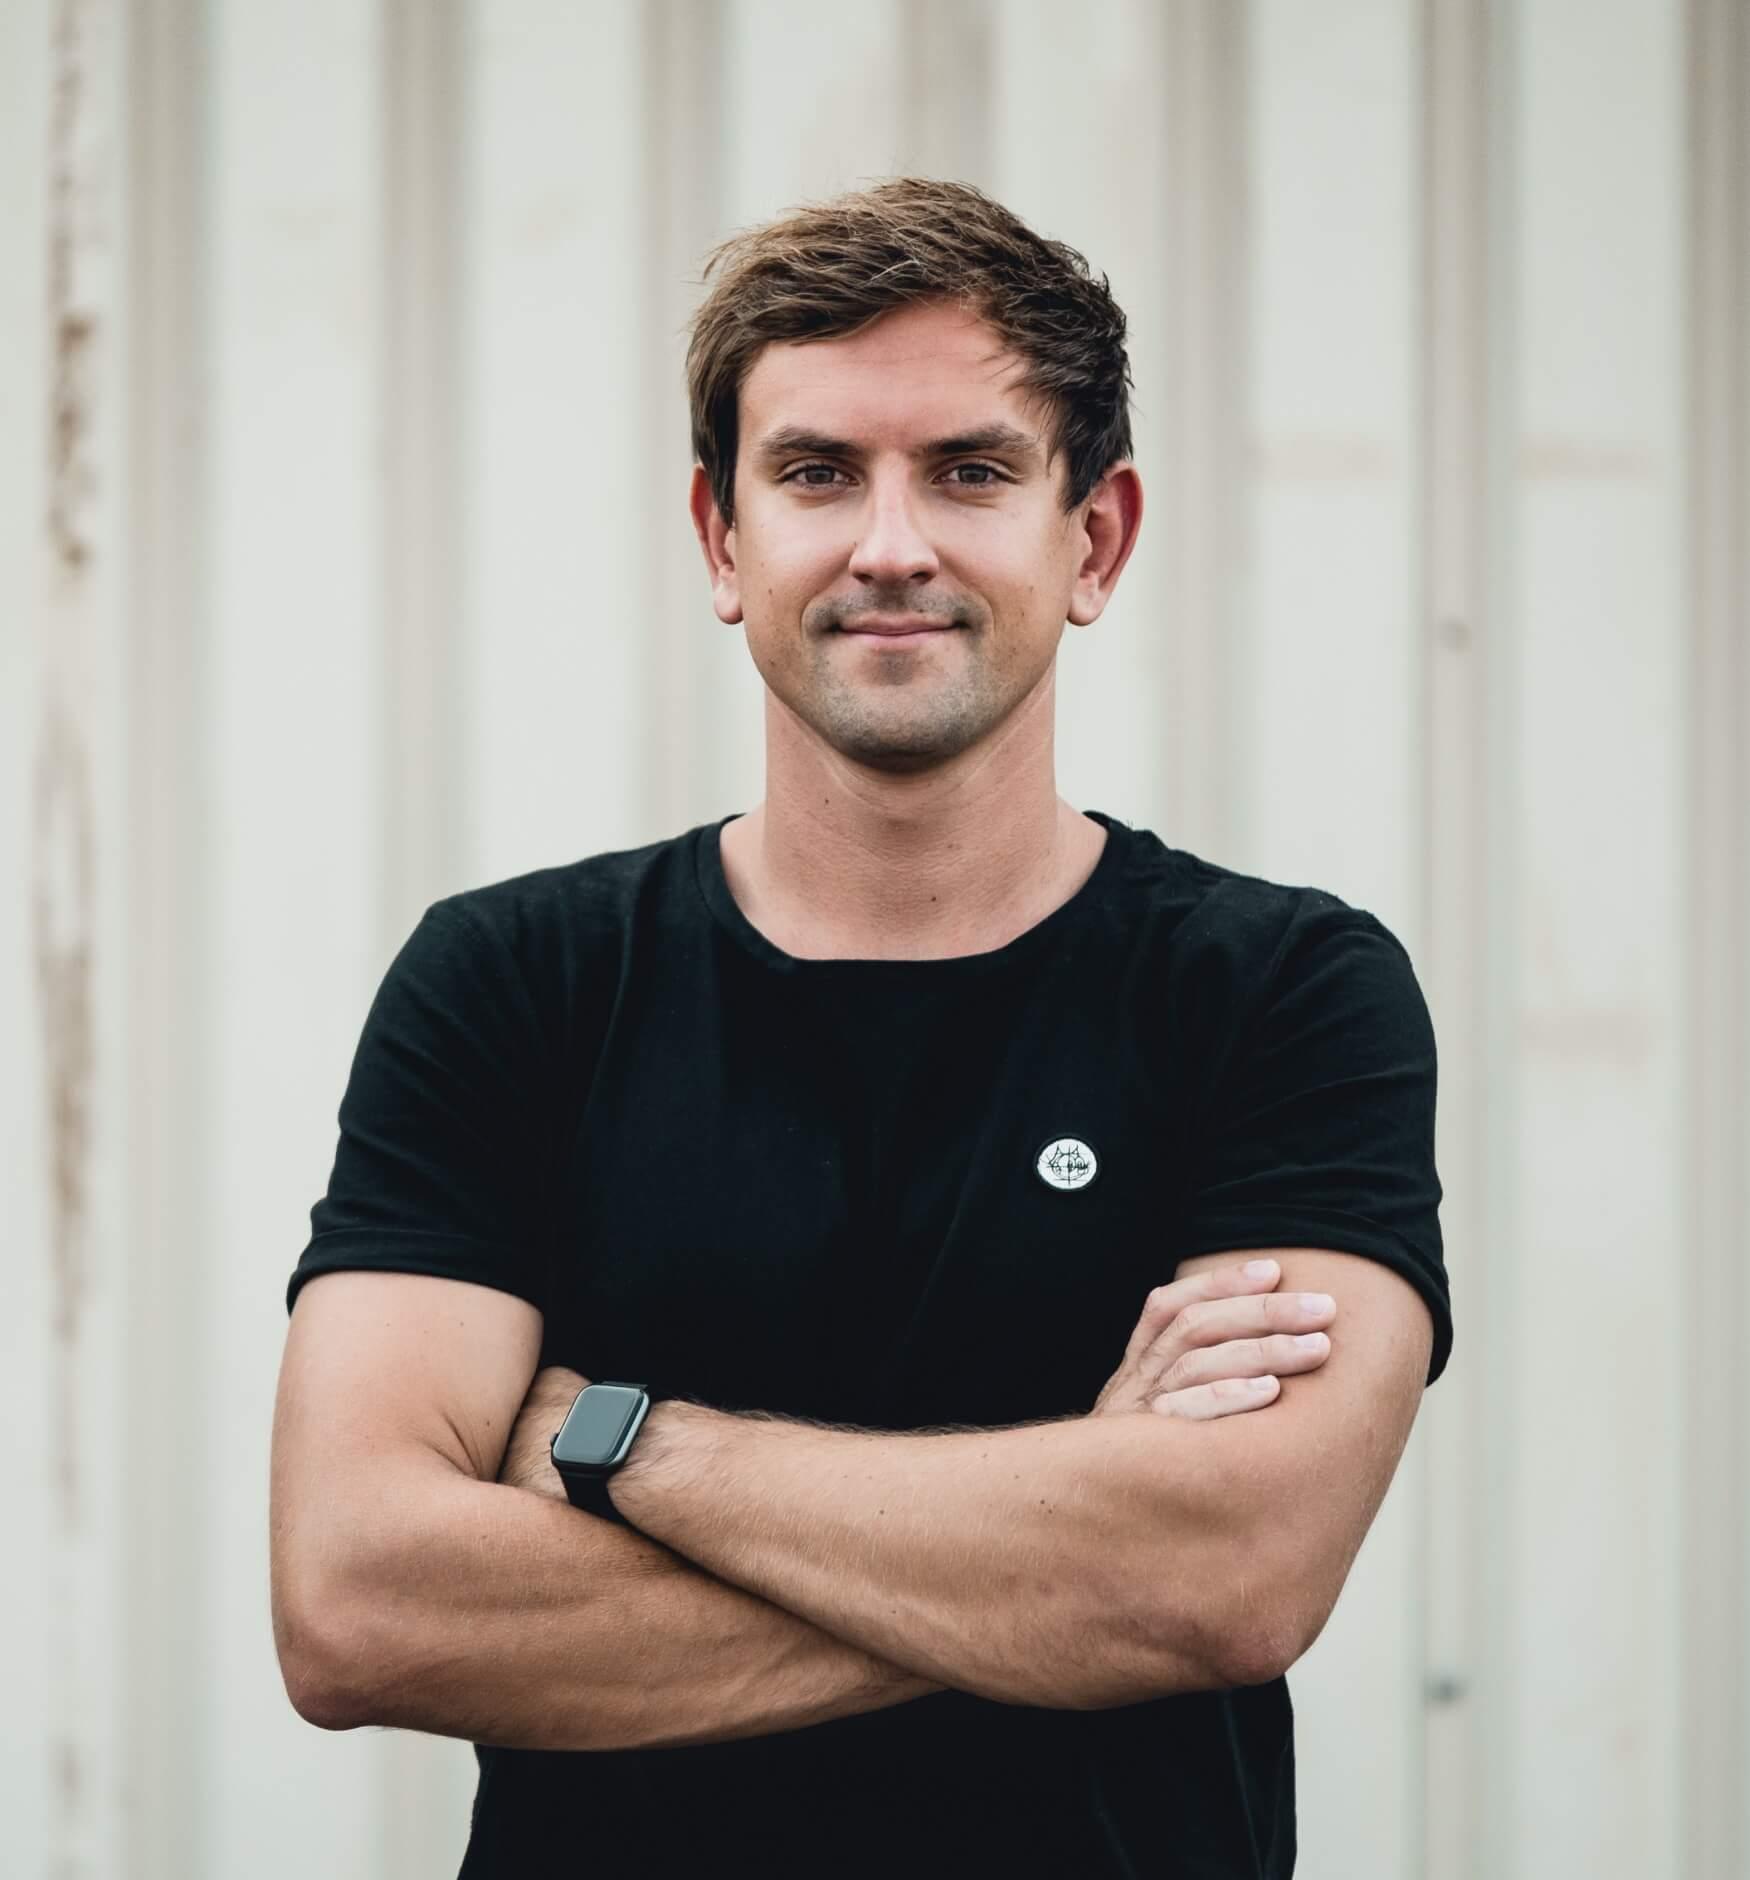 Luka Dremelj, Geschäftsführer der erento GmbH